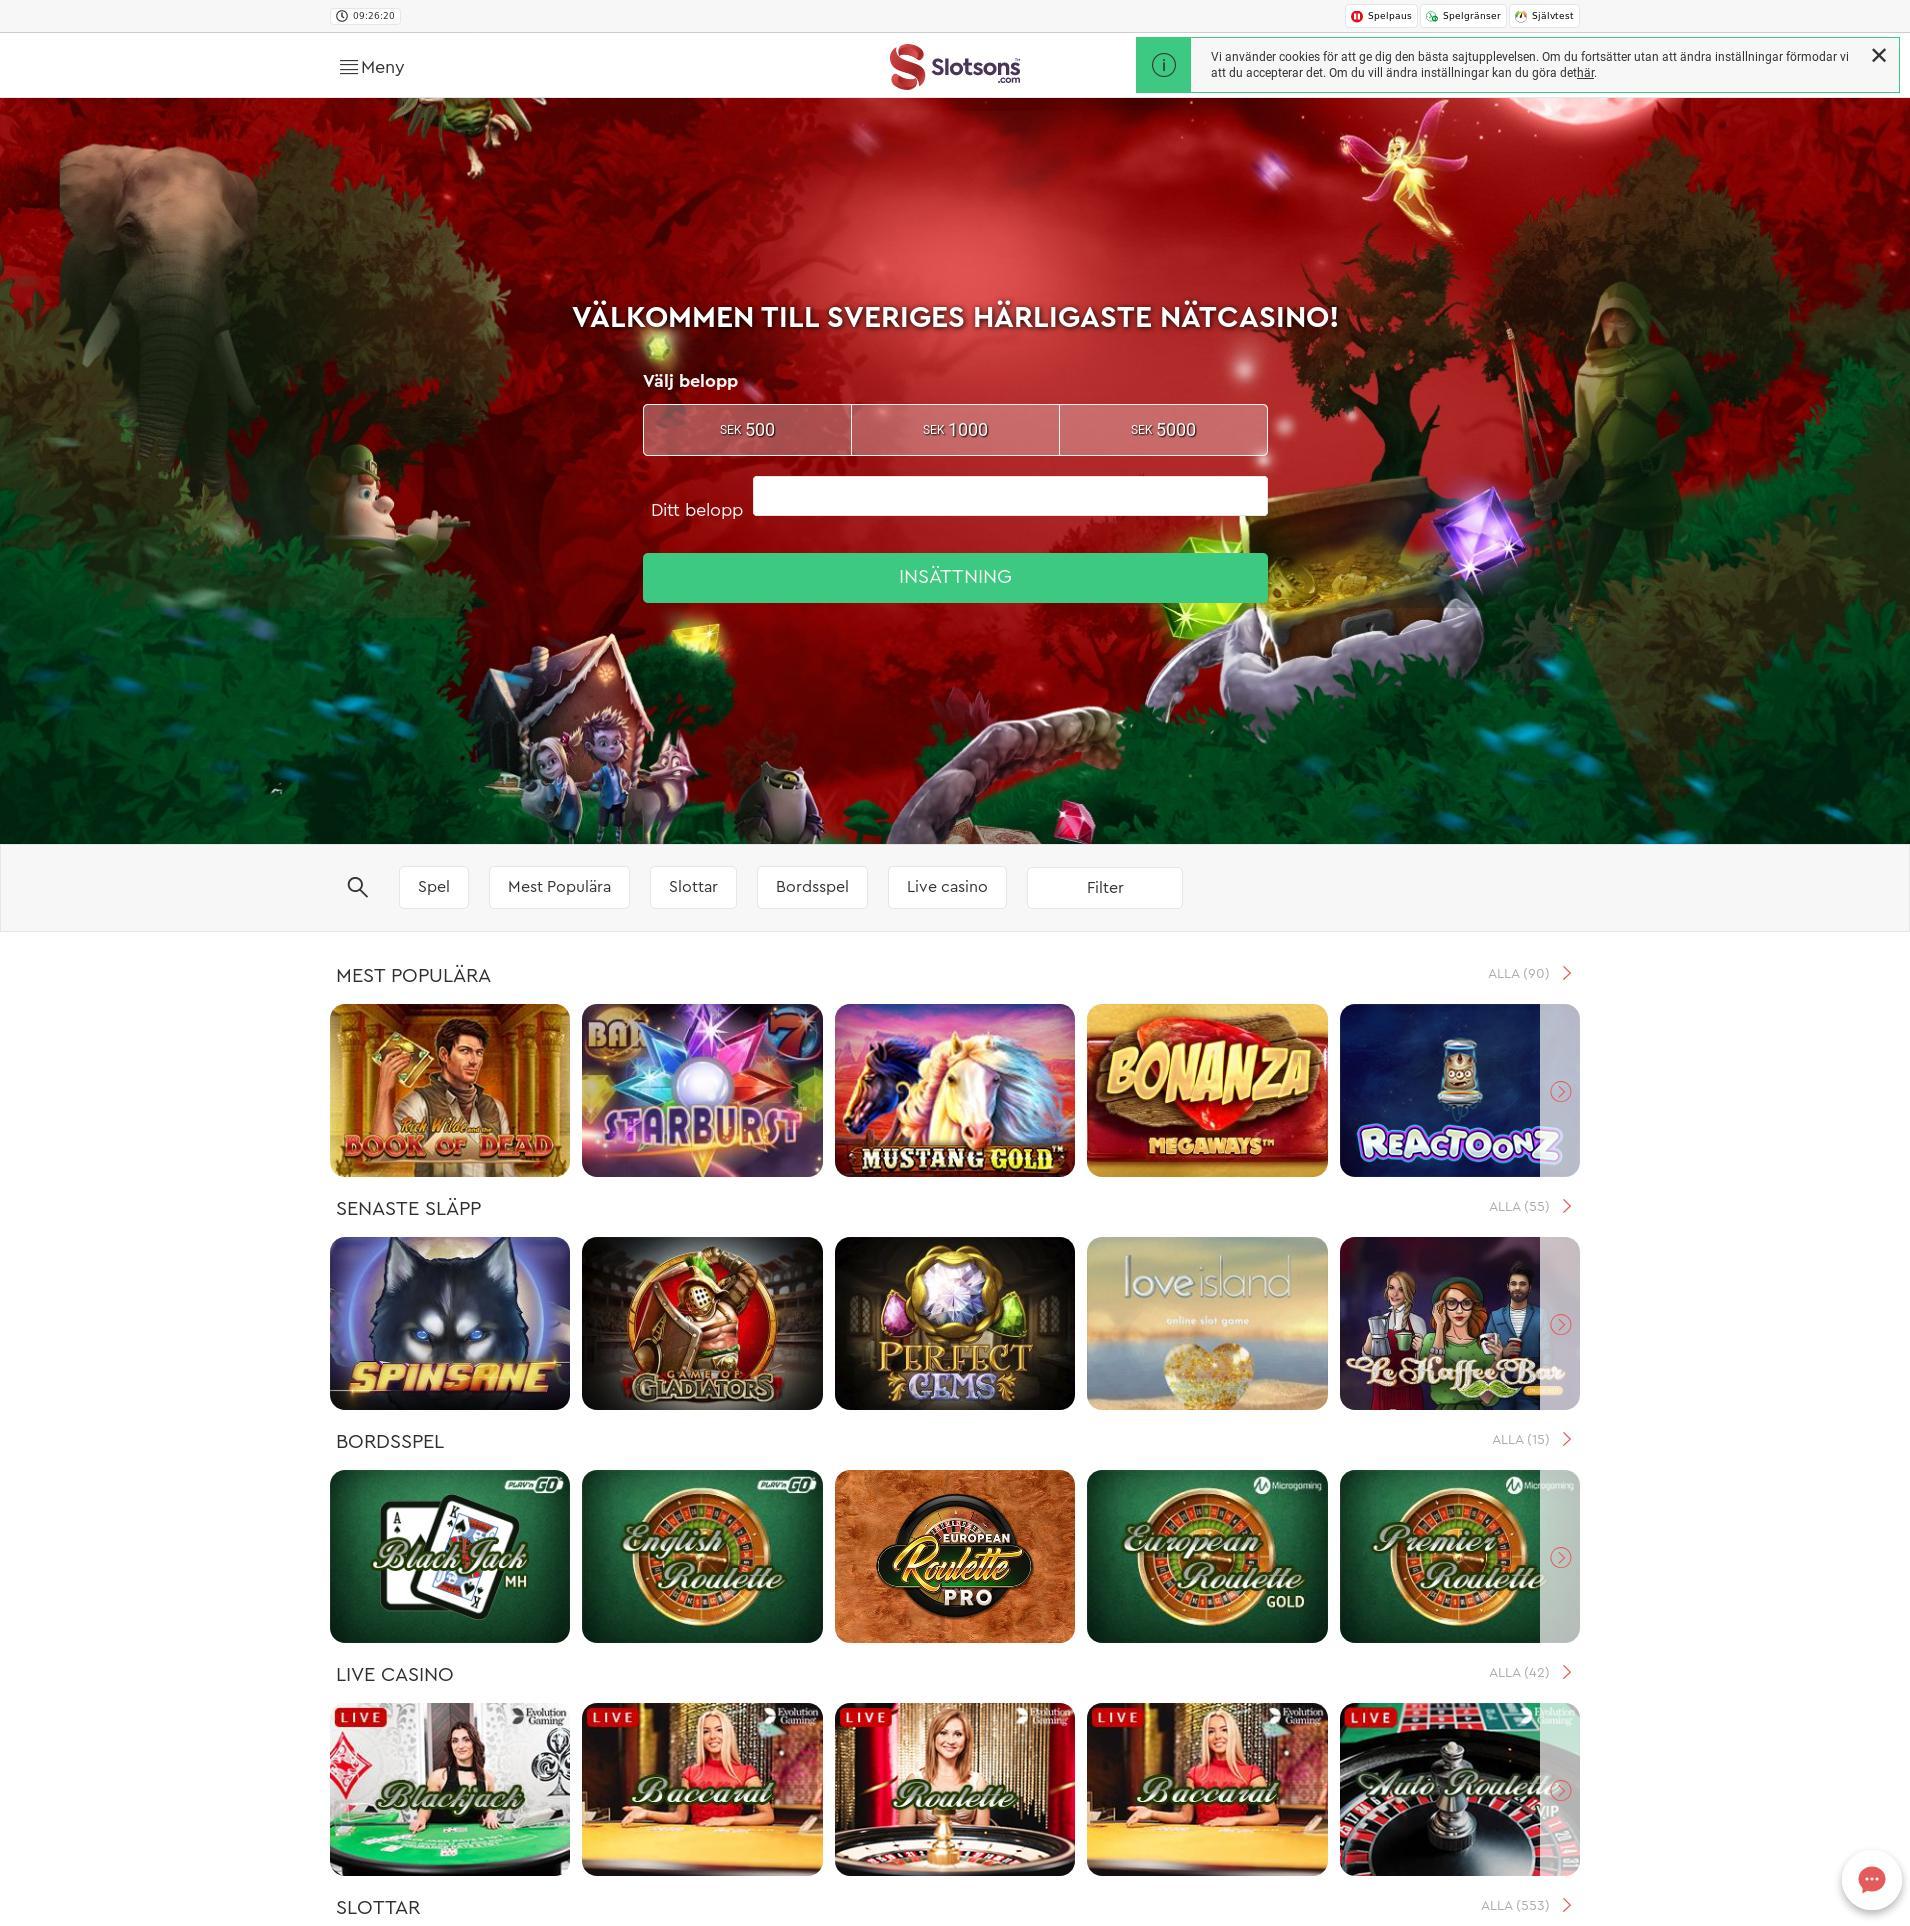 Casino skärm Lobby 2019-06-12 för Sverige